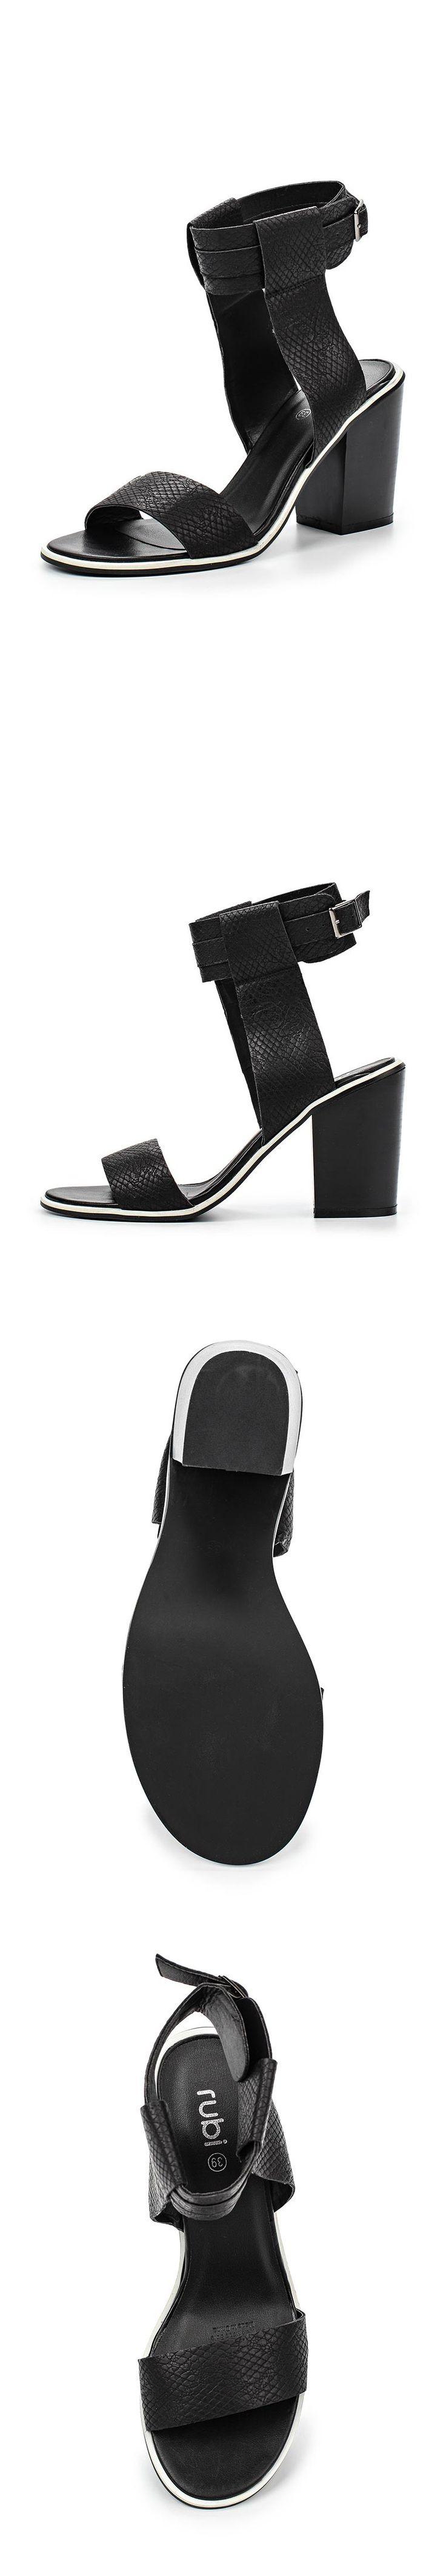 Женская обувь босоножки Rubi за 2910.00 руб.